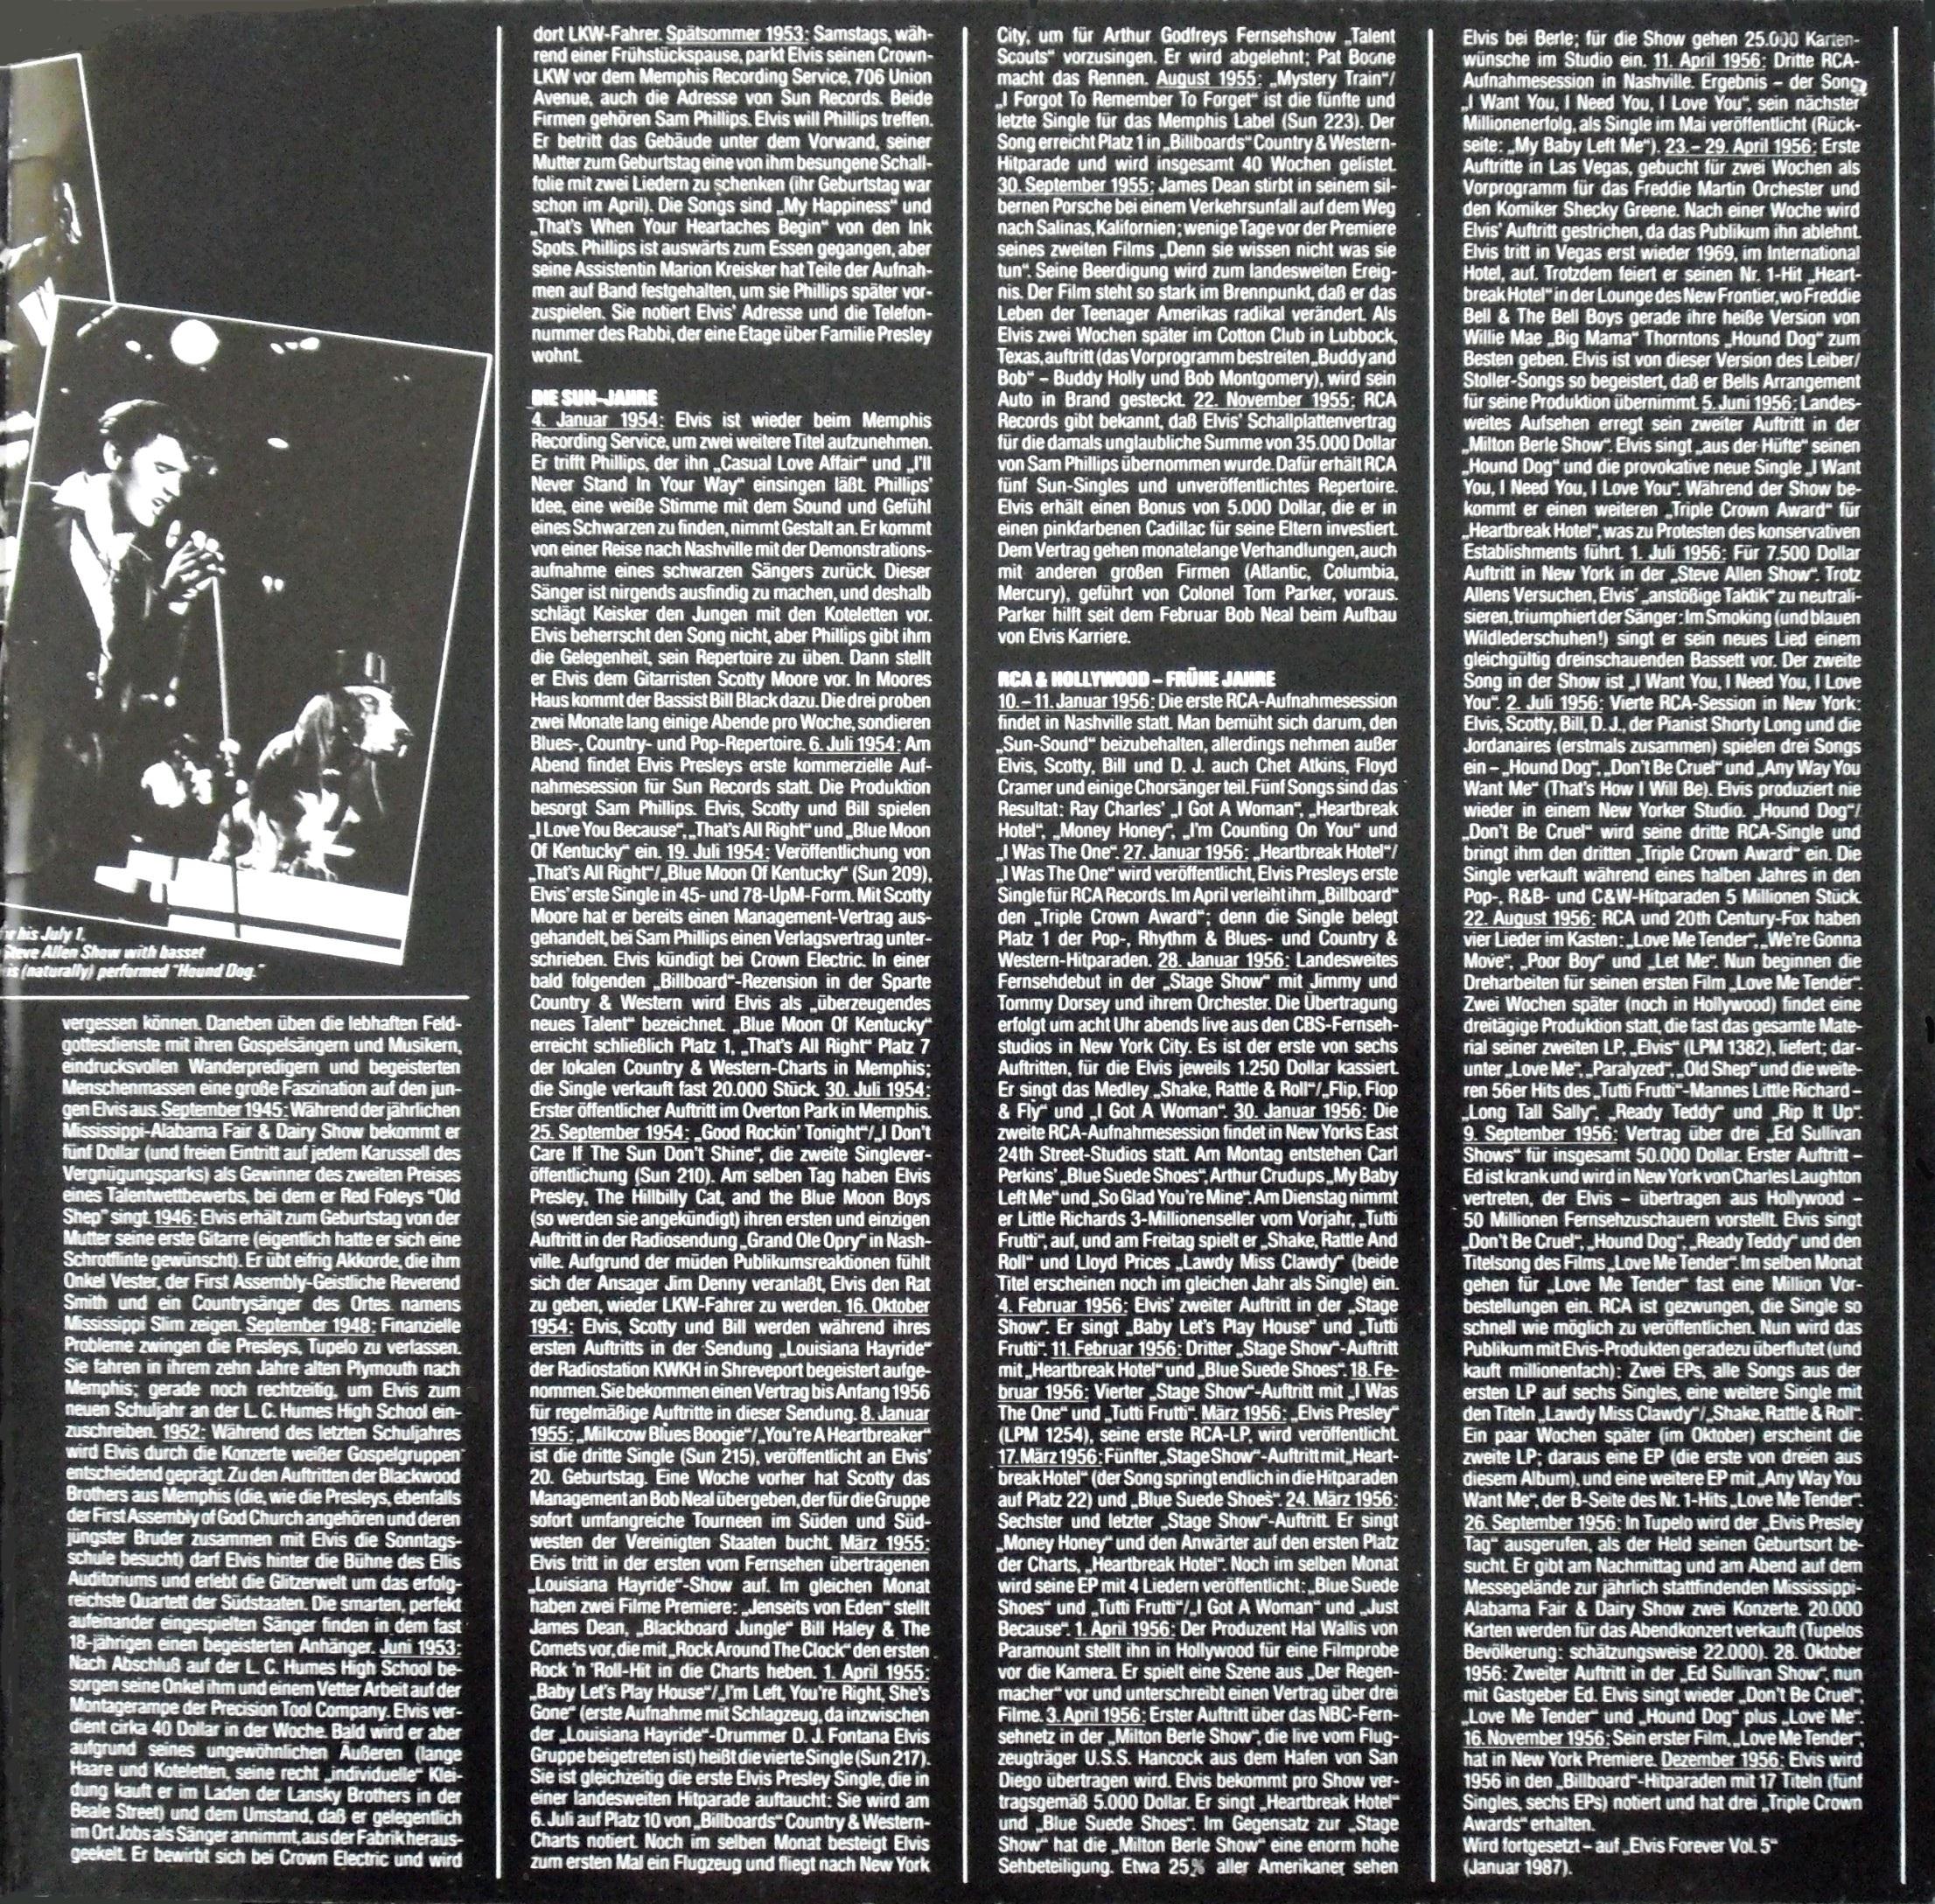 ELVIS FOREVER Vol. 4  Elvisforever487innenrq1ir8